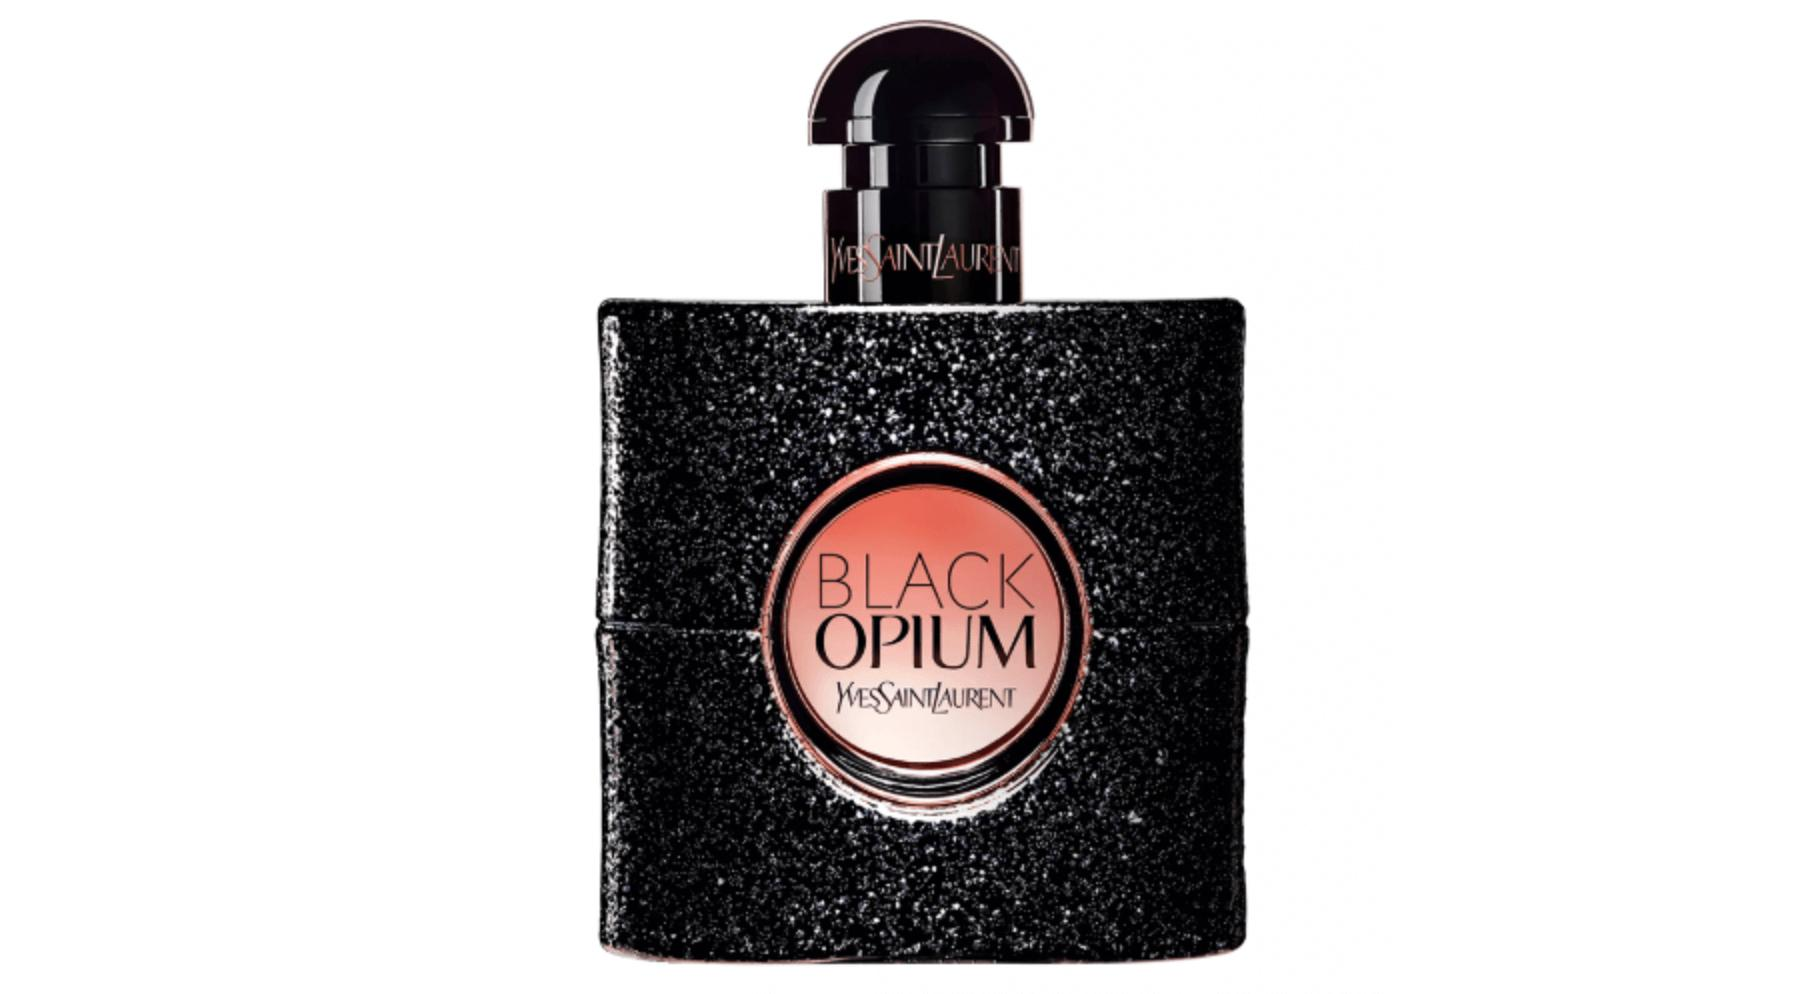 Yves Saint Laurent Parfym – Black Opium Eau De Parfum